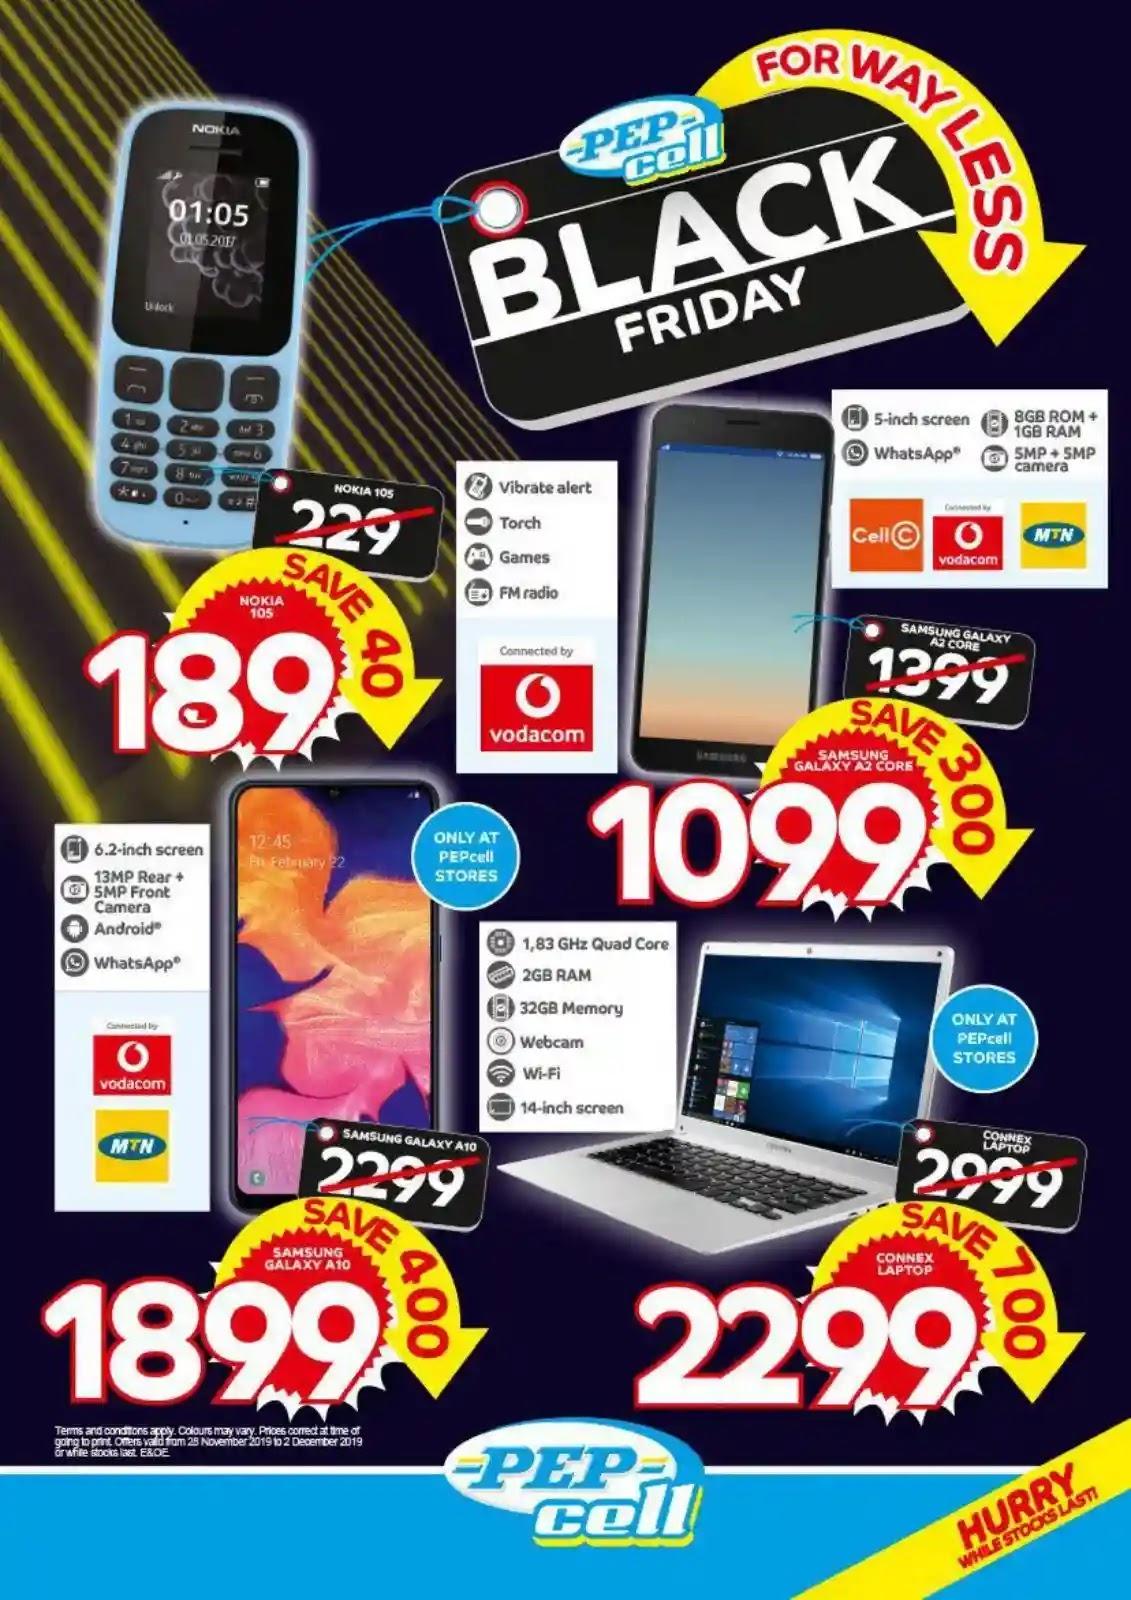 Big Save Black Friday Deals